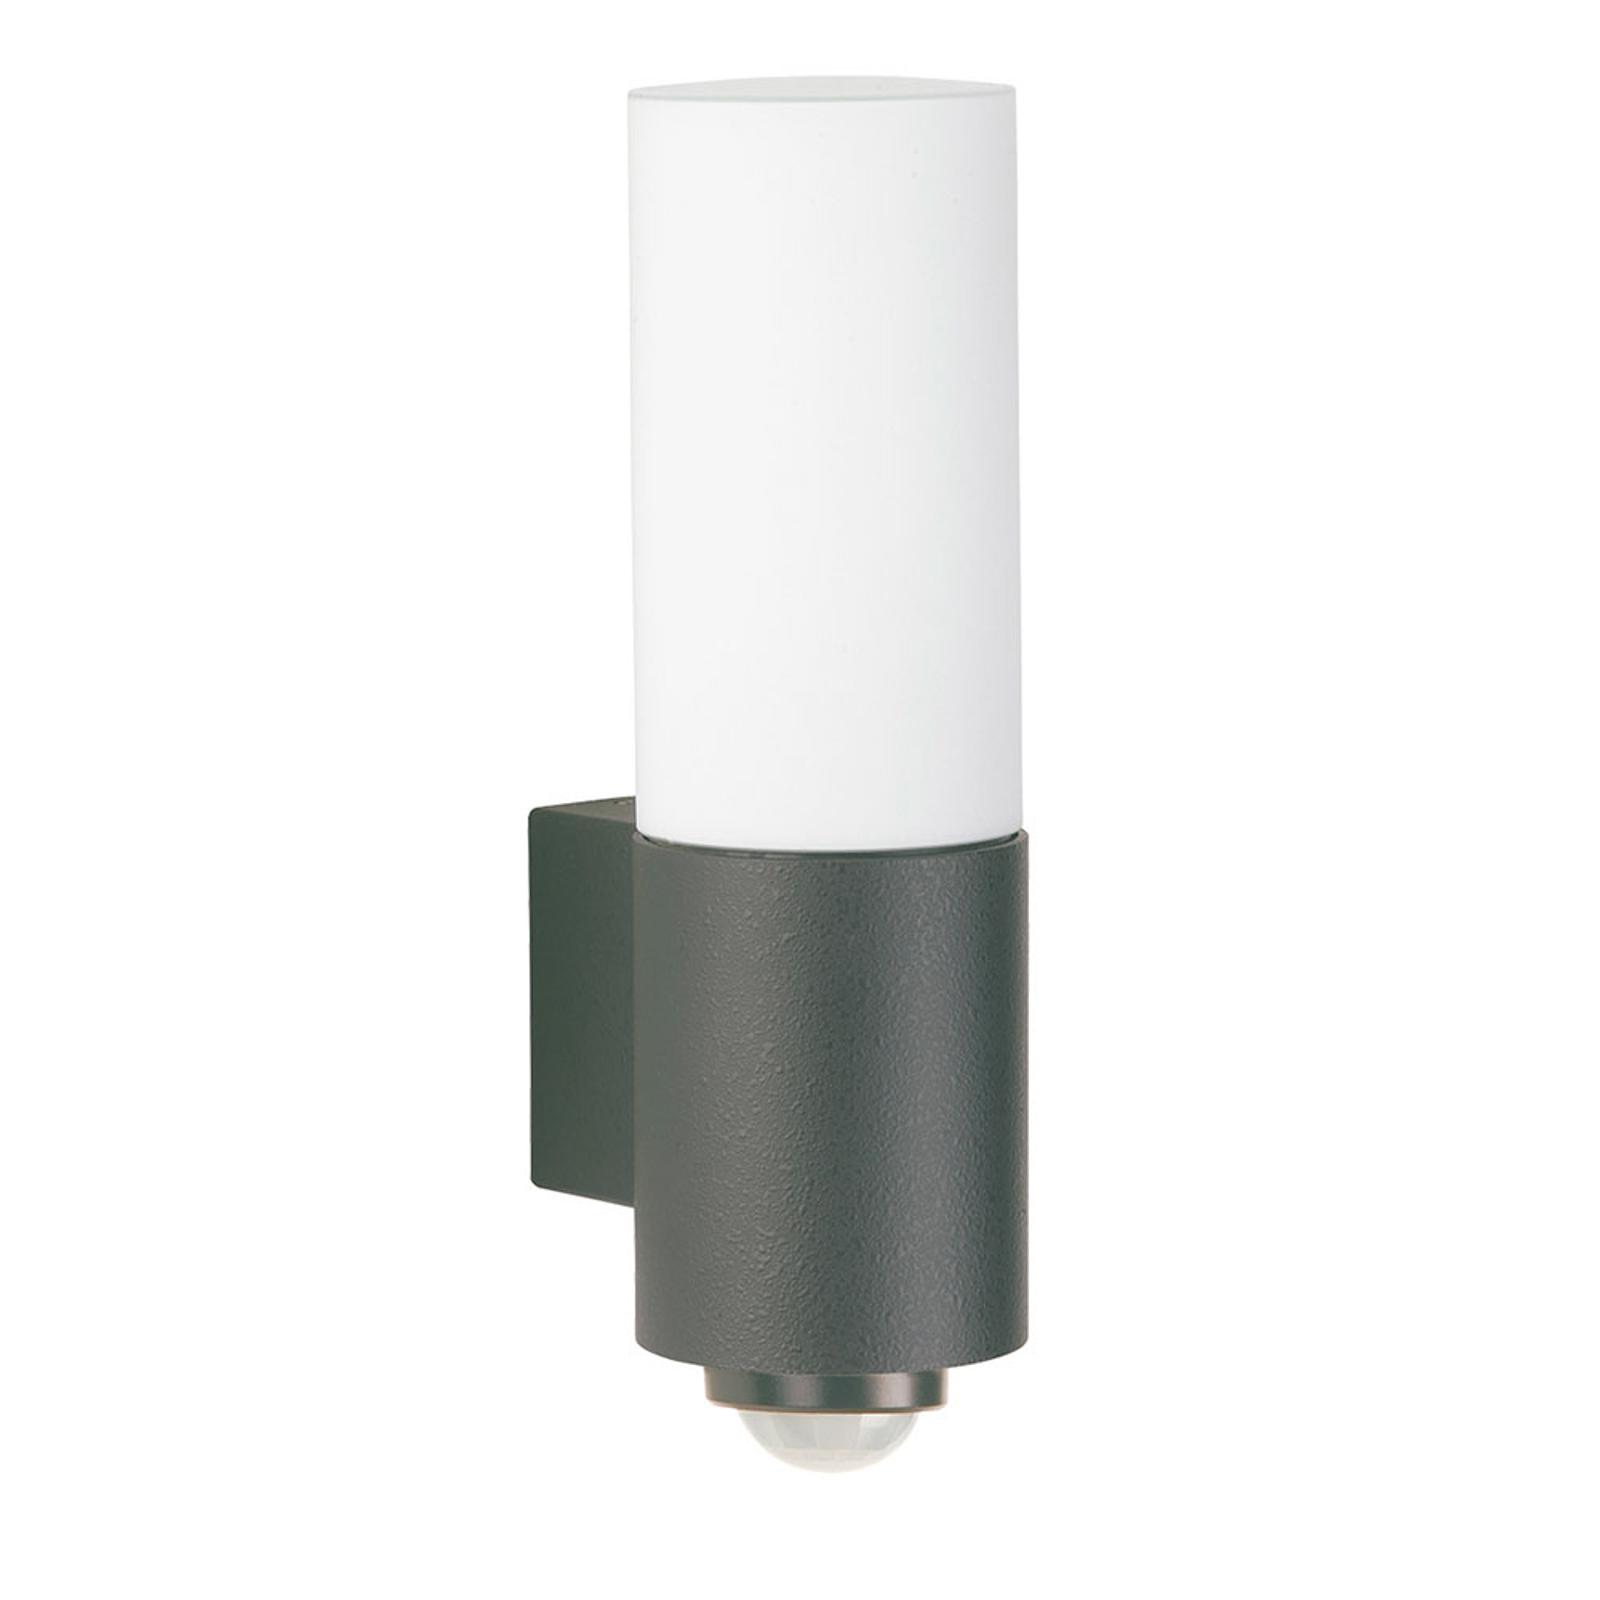 LED-Wandleuchte 0278 mit Bewegungssensor anthrazit